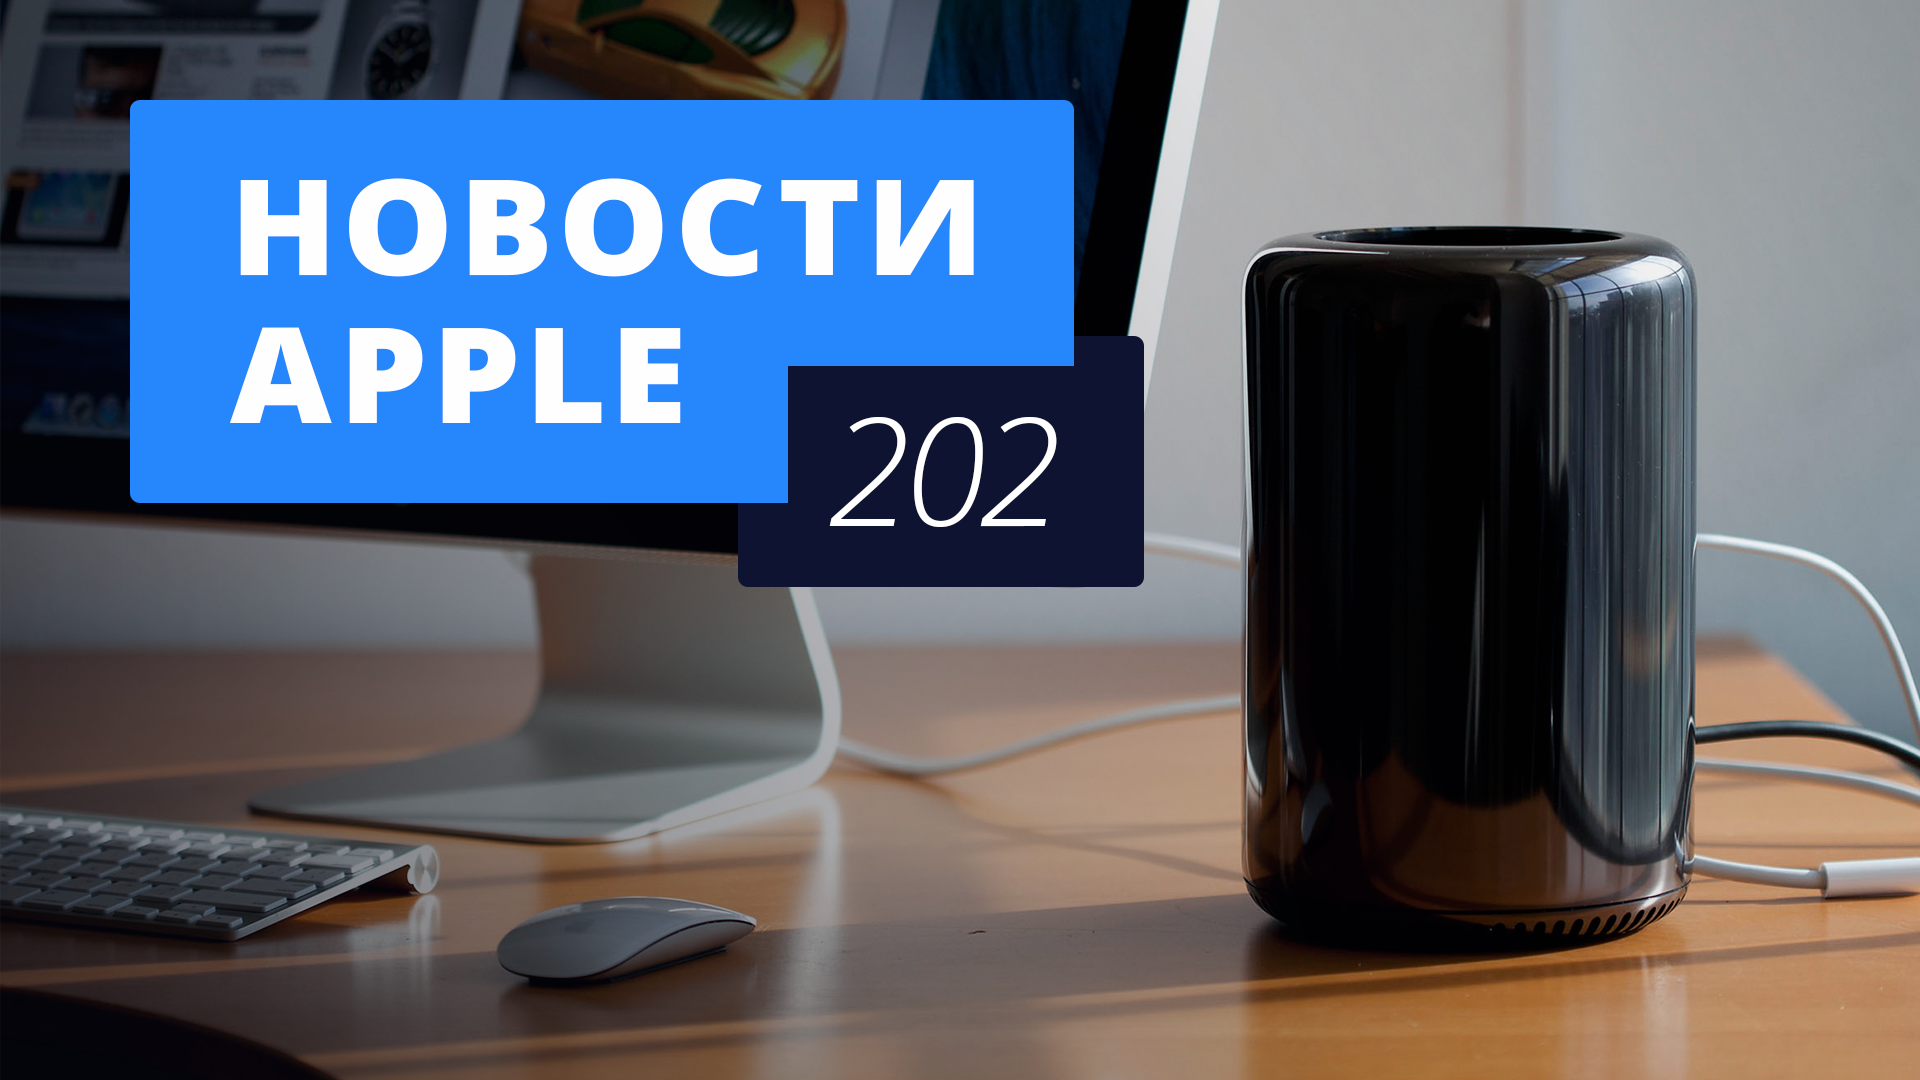 Новости Apple, 202 выпуск: Mac Pro, Apple Pay и новый iPhone